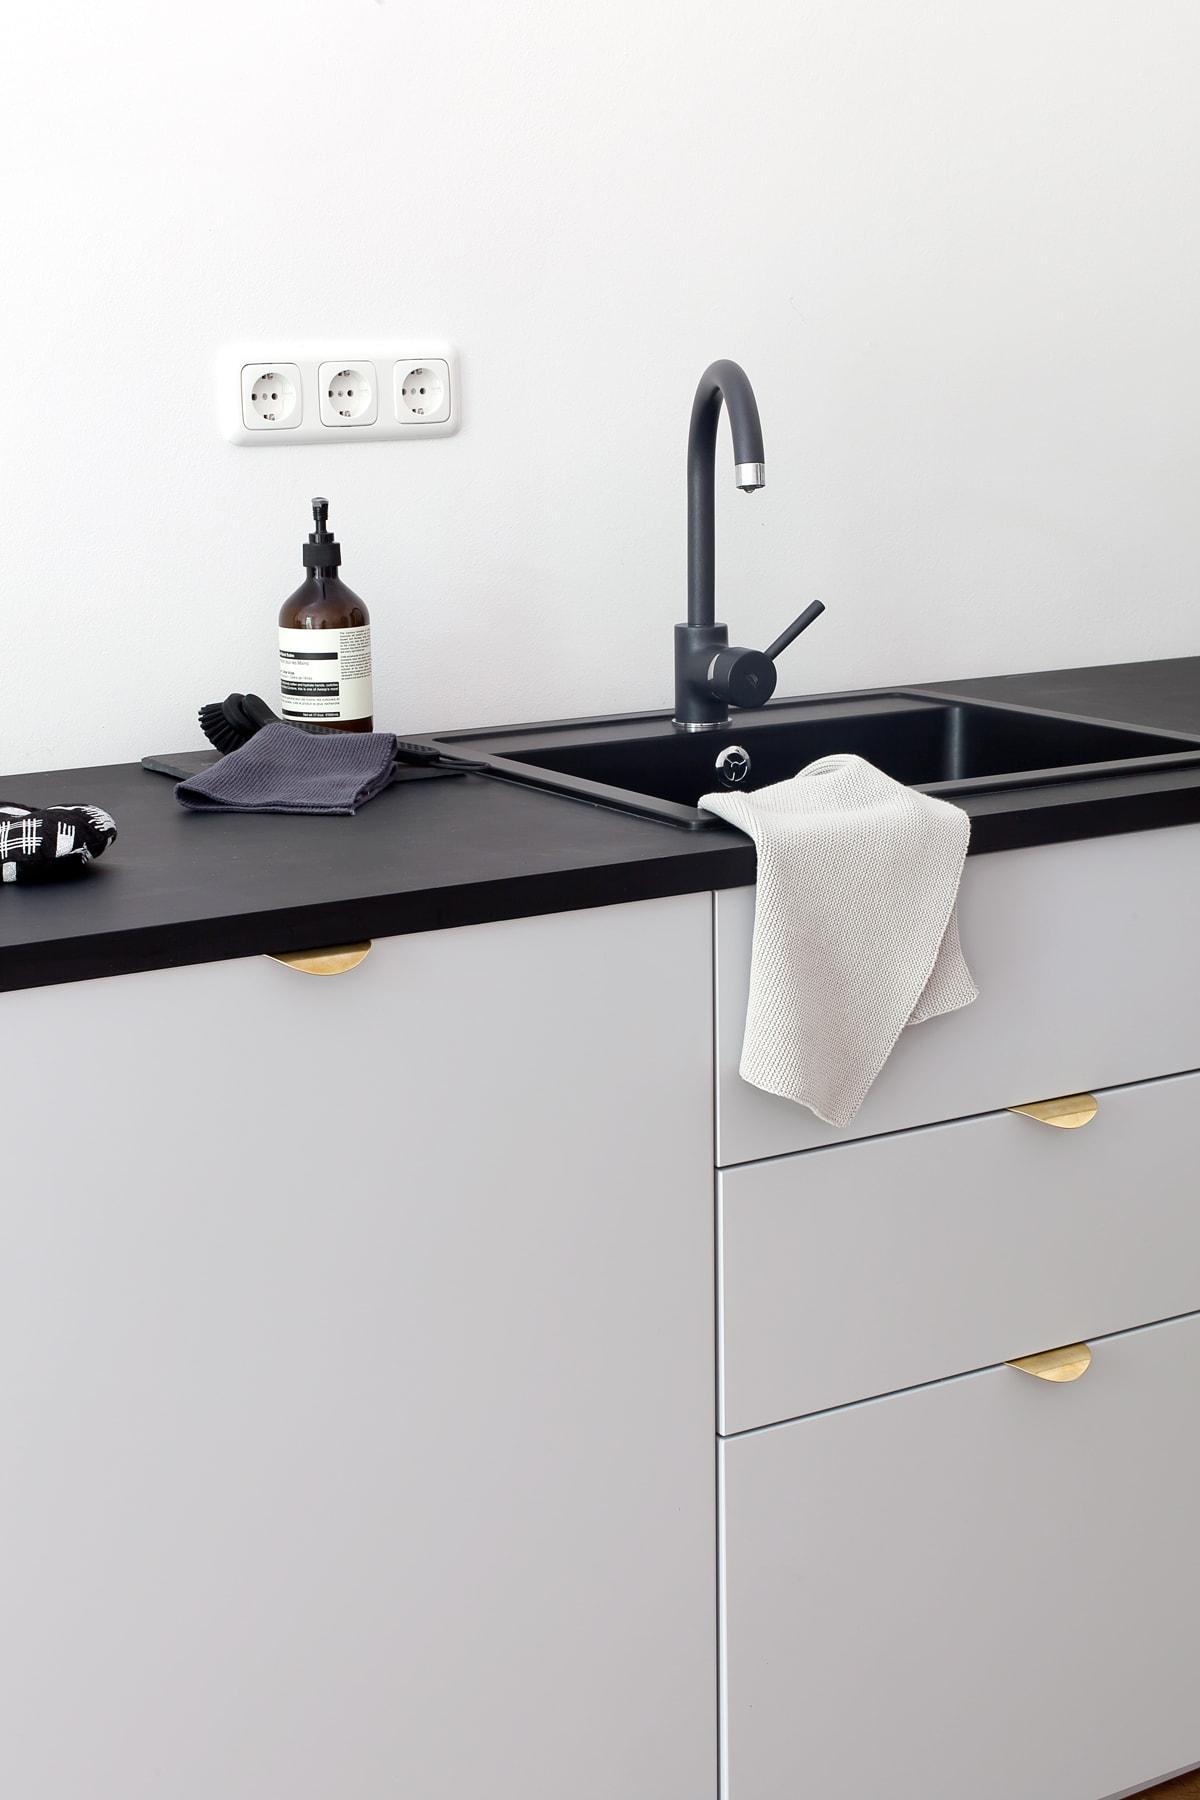 Our kitchen - COCO LAPINE DESIGNCOCO LAPINE DESIGN